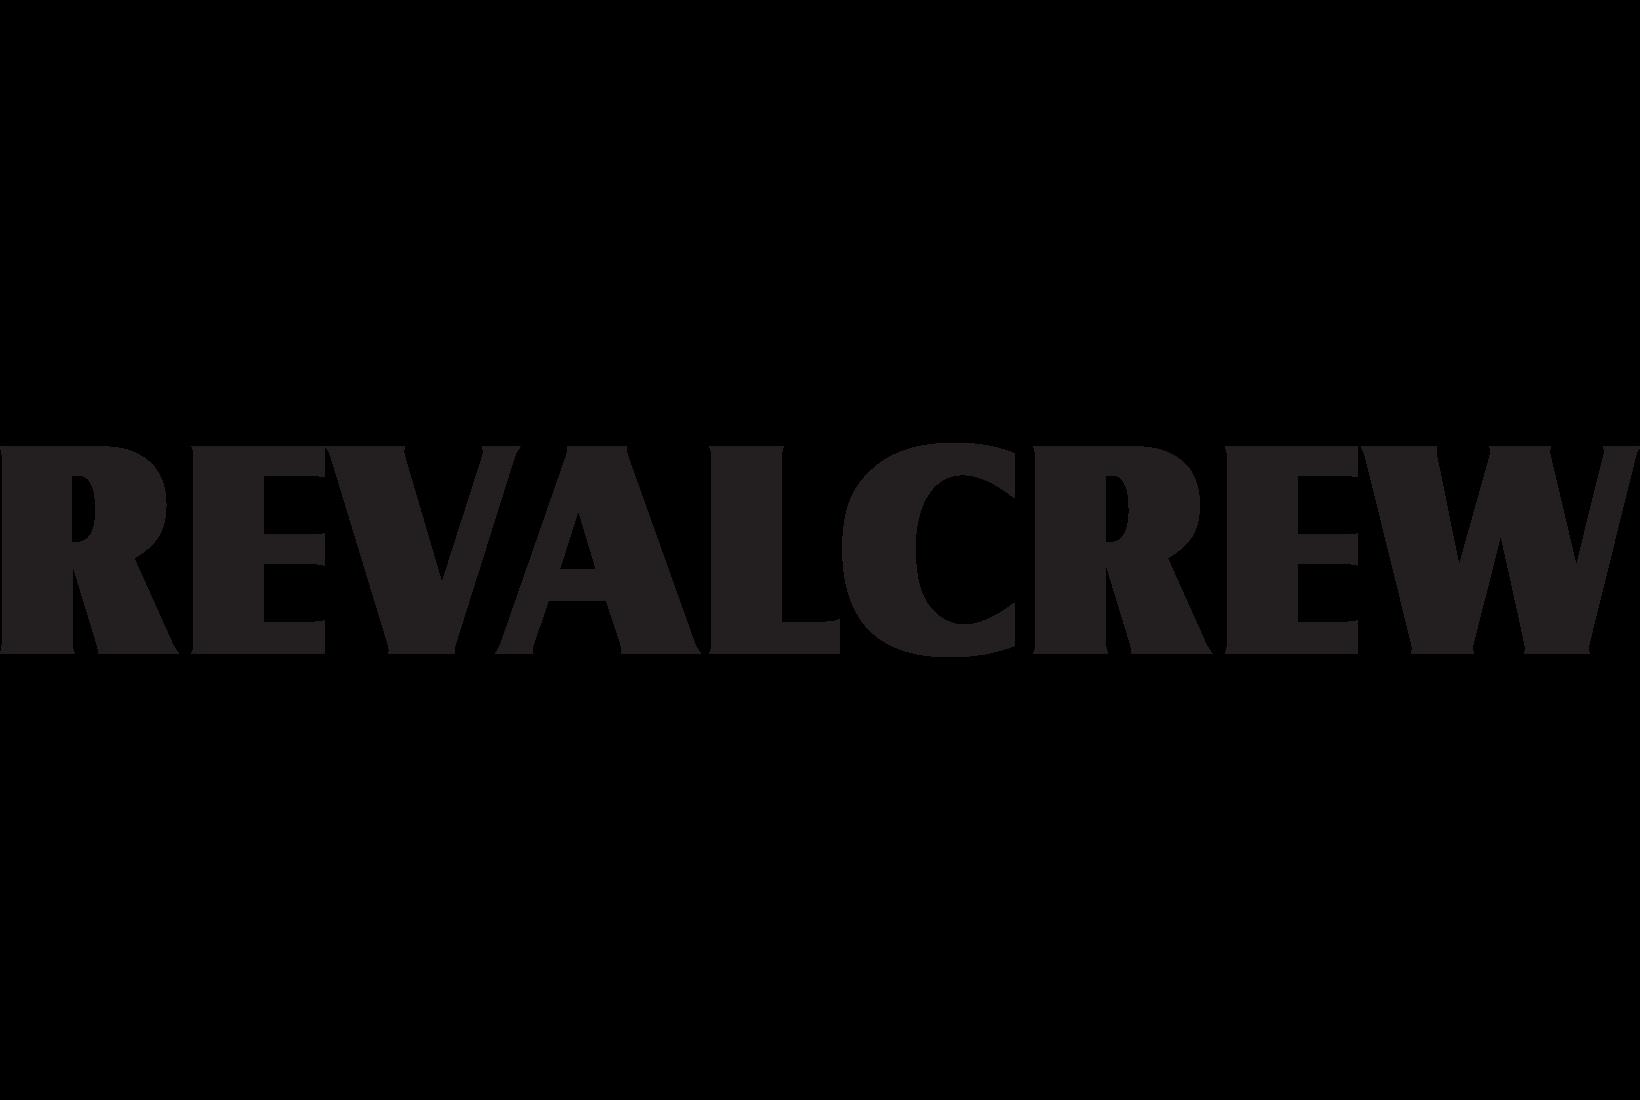 RevalCrew